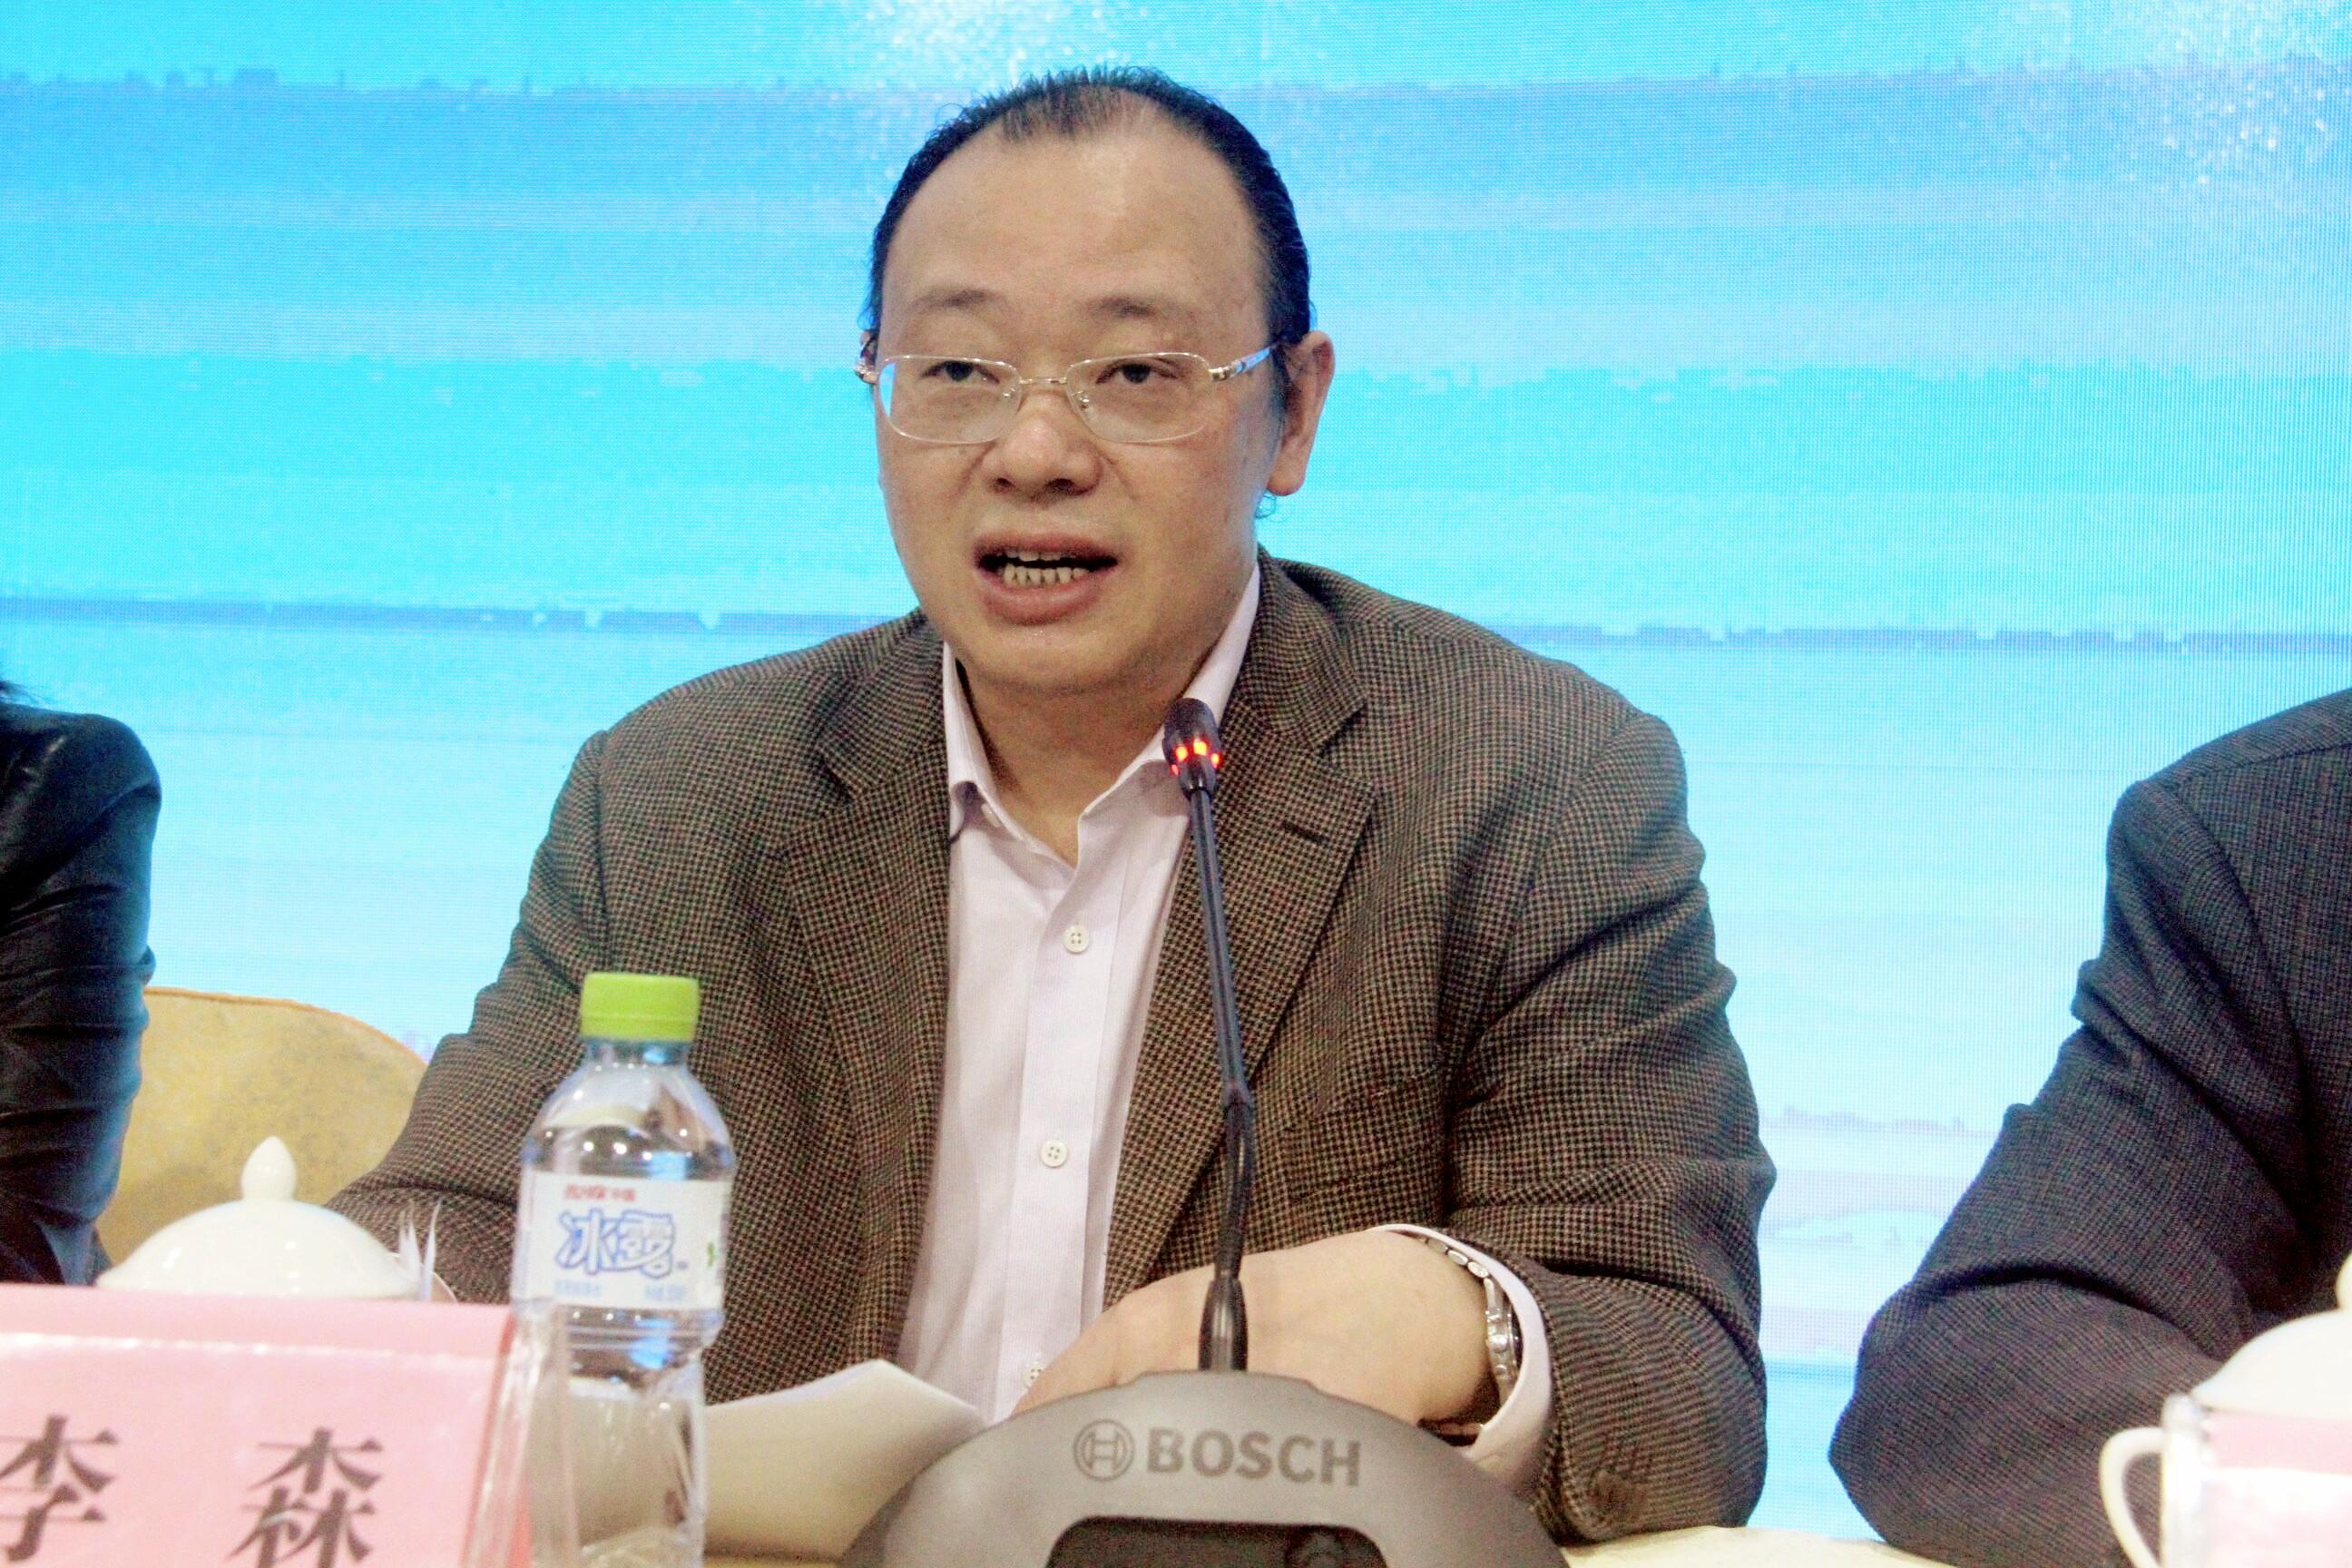 马克思主义学院举办习近平新时代中国特色社会主义思想与提升高校思想政治理论课教学